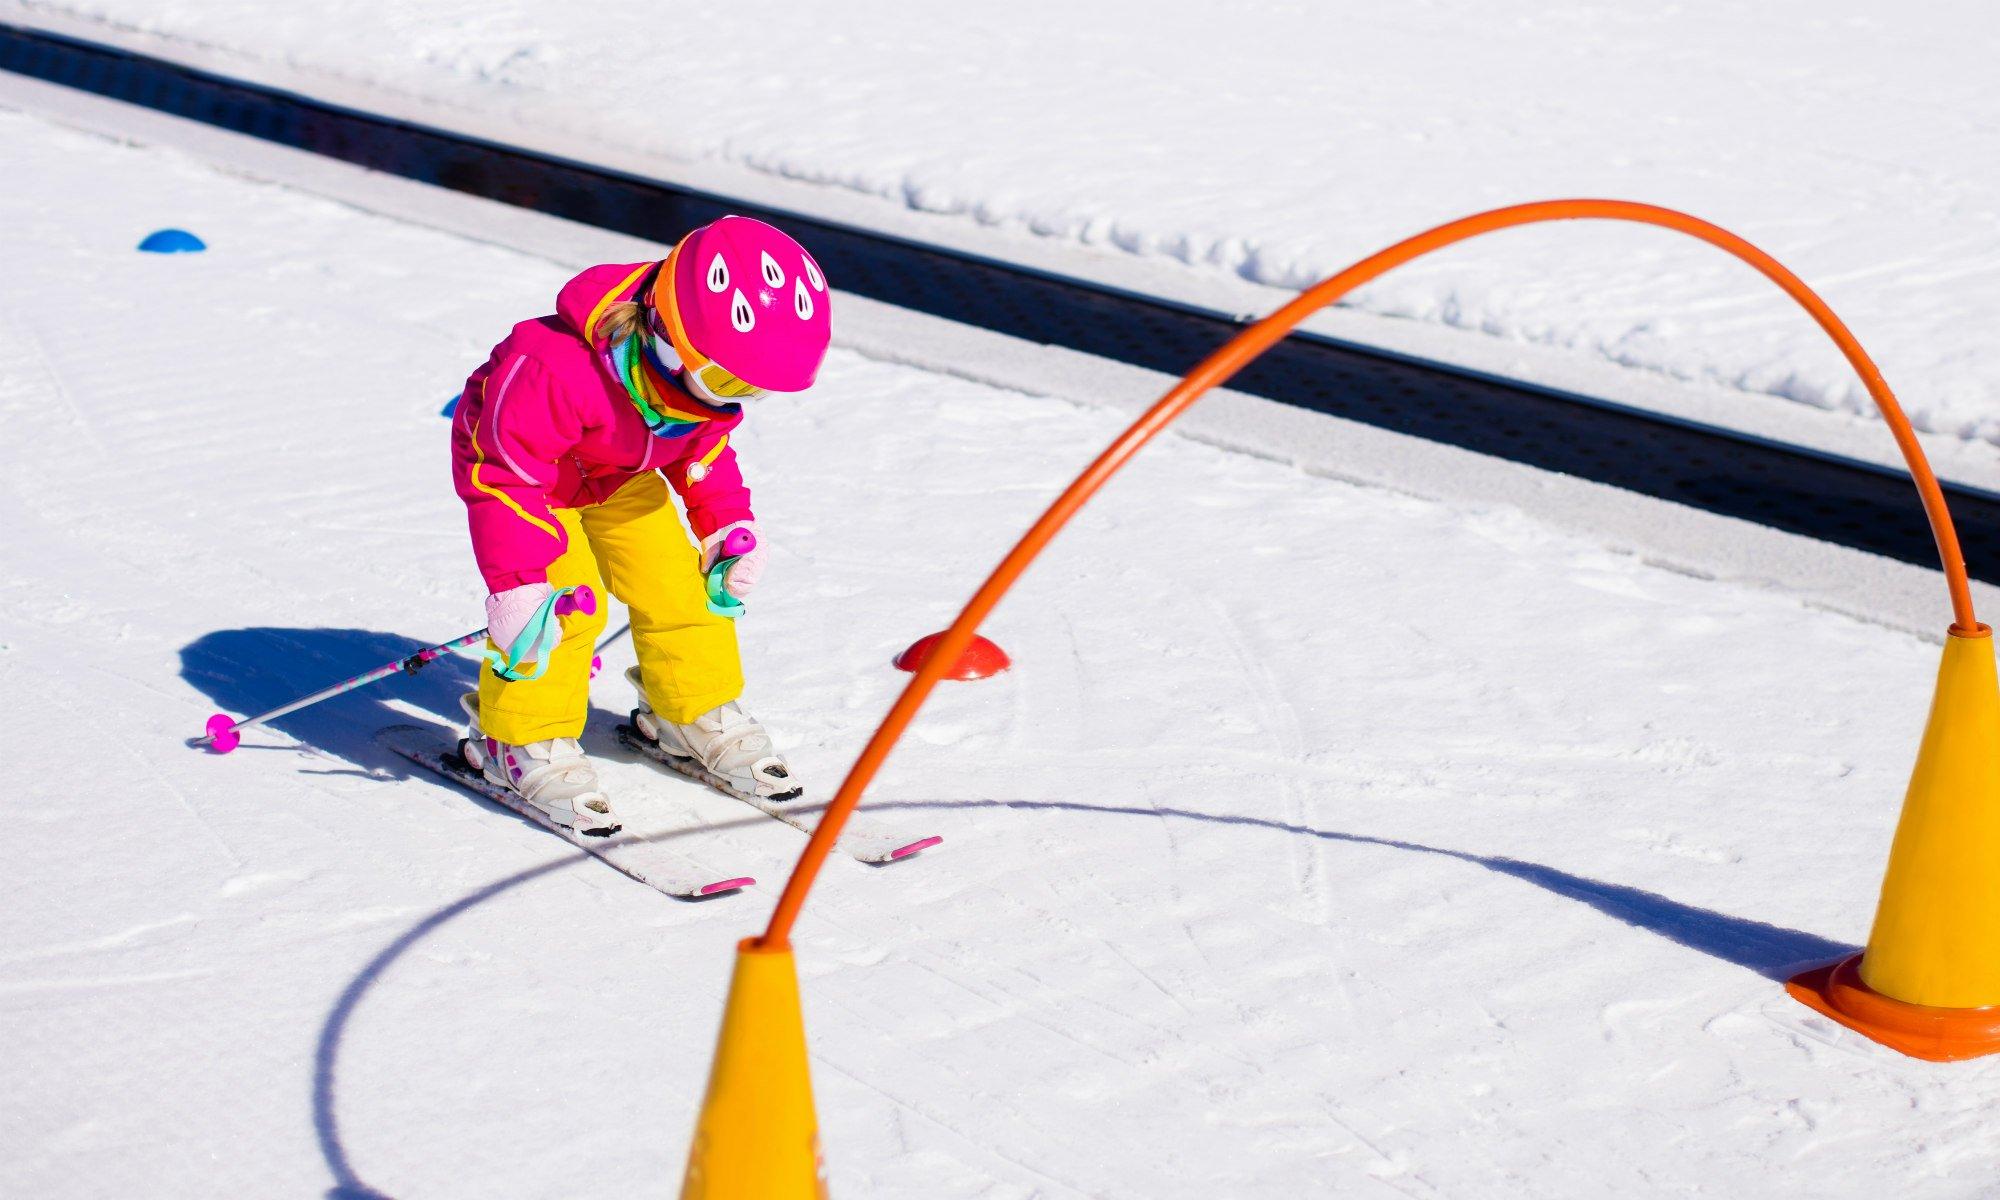 Una piccola sciatrice si appresta a sciare attraverso un ostacolo sulla neve a Bormio.